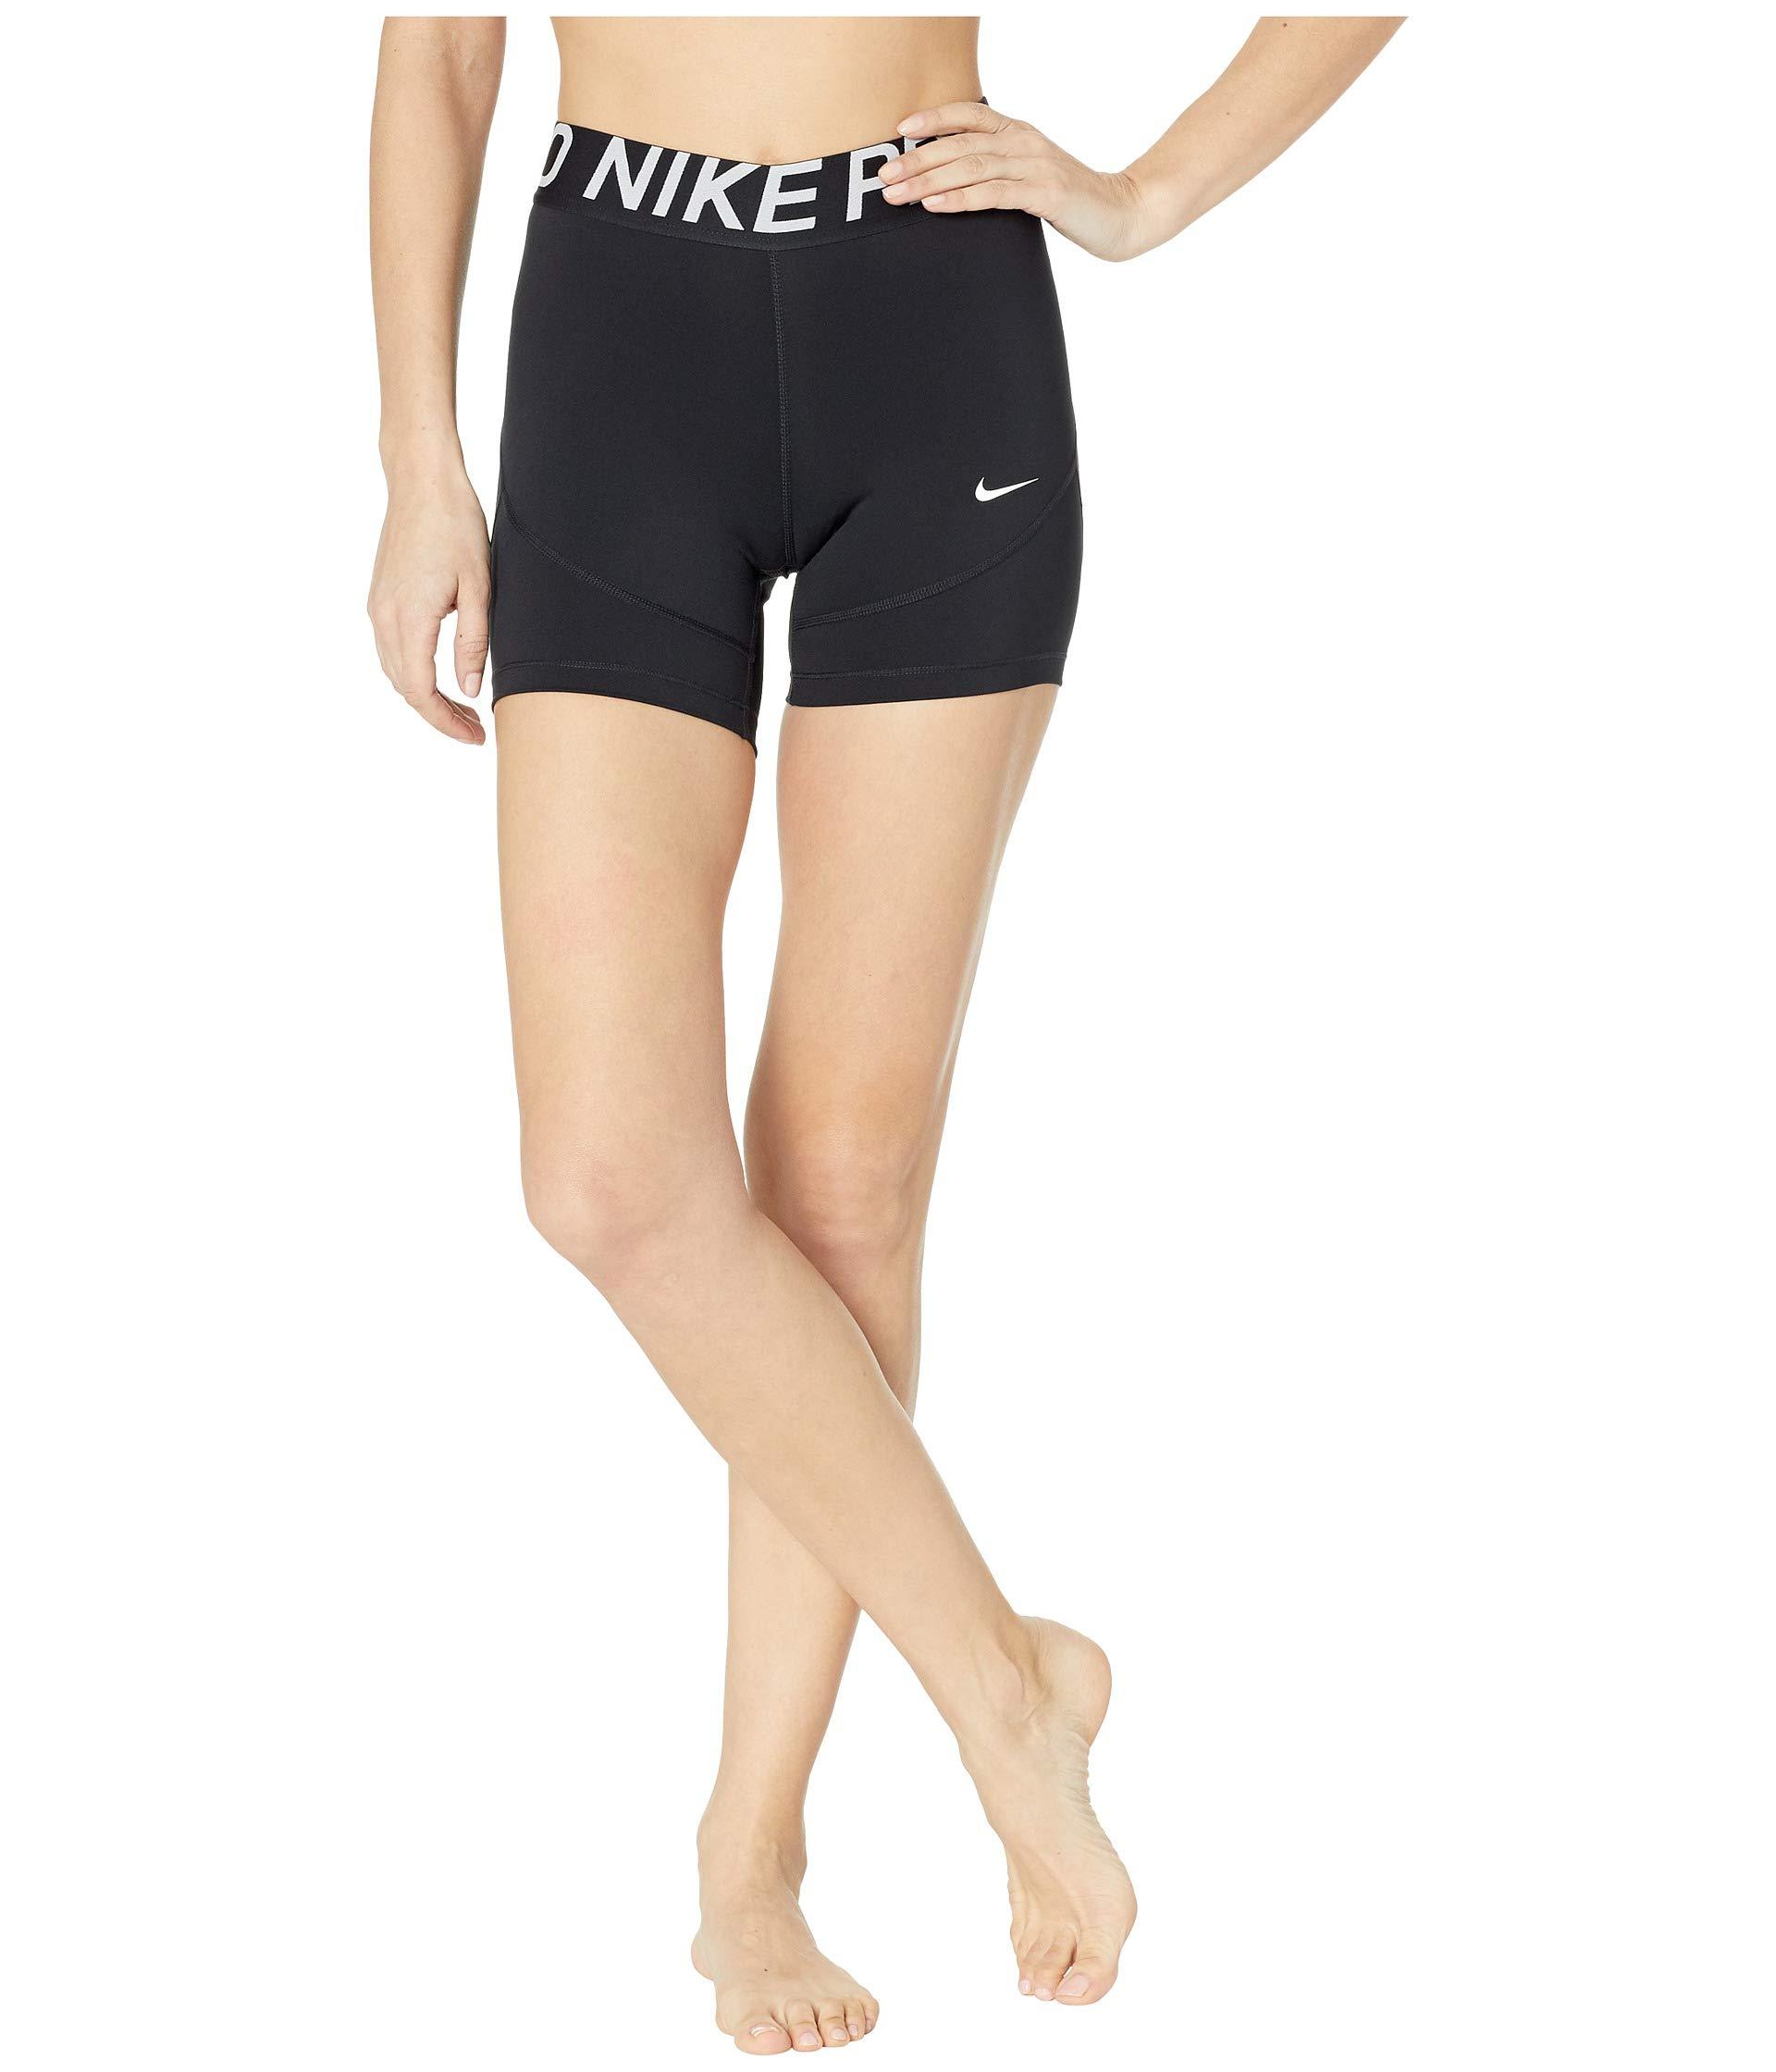 Nike Womens Pro 5 Training Shorts (Medium) Black/White by Nike